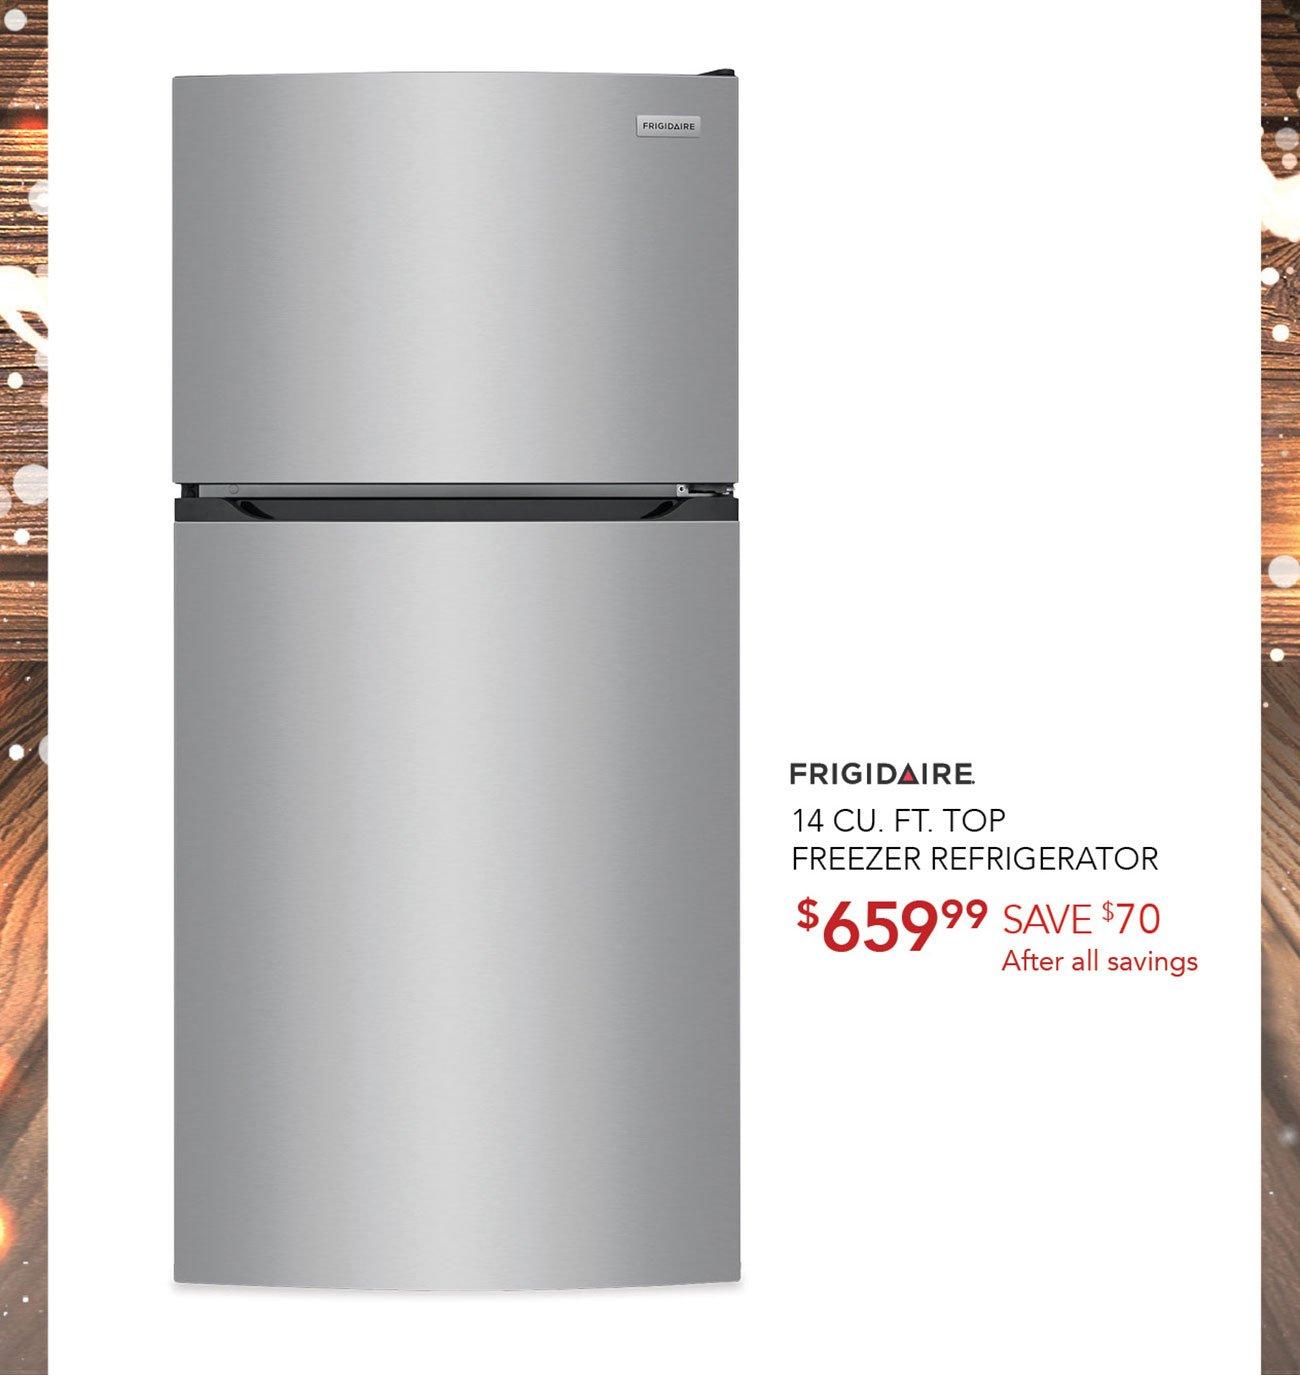 Frigidaire-refrigerator